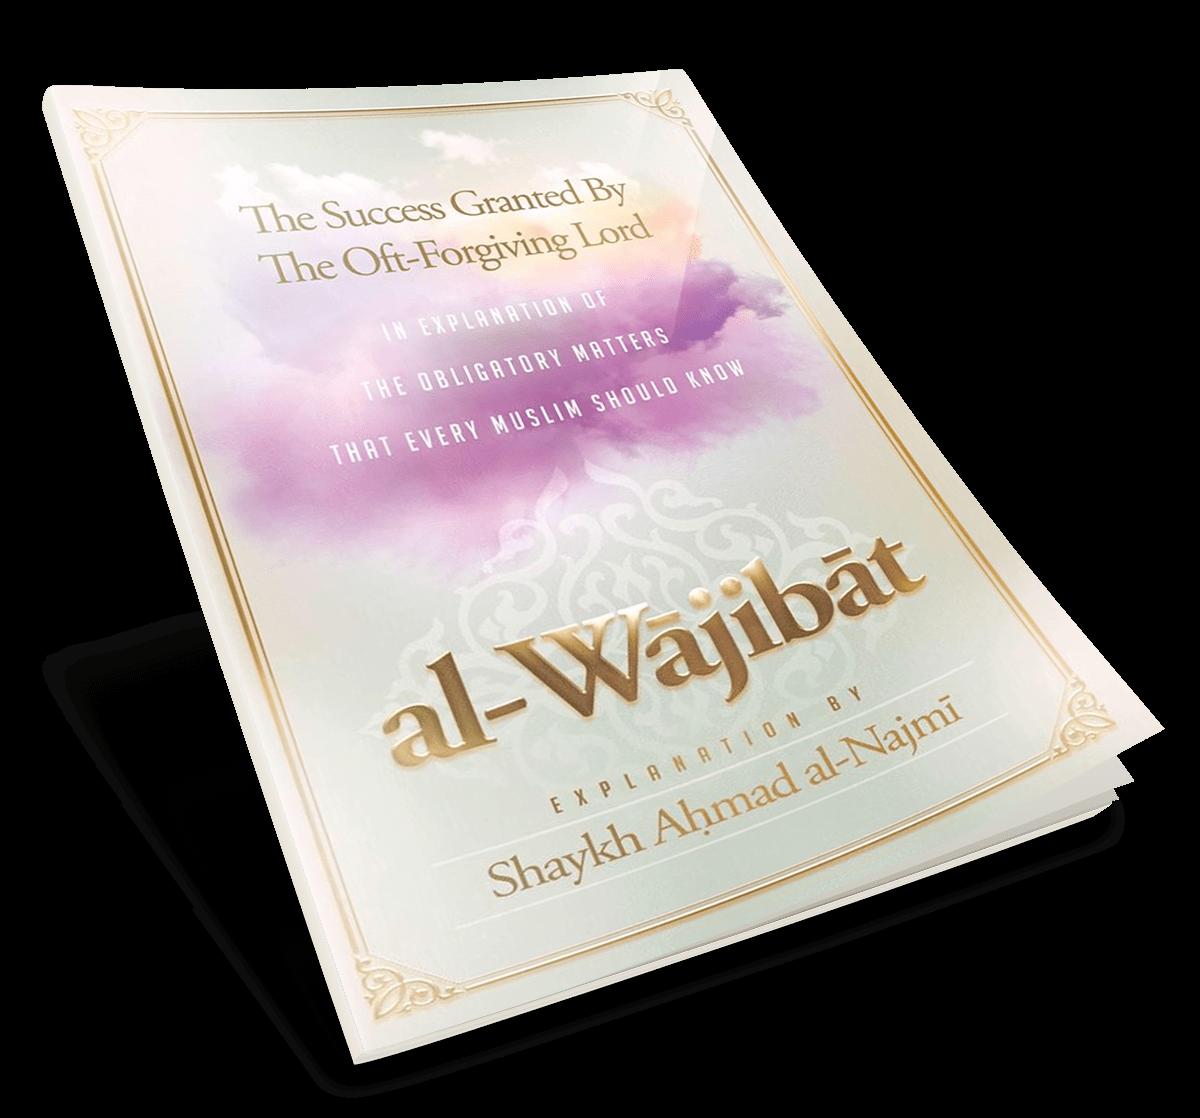 al-Waajibaat